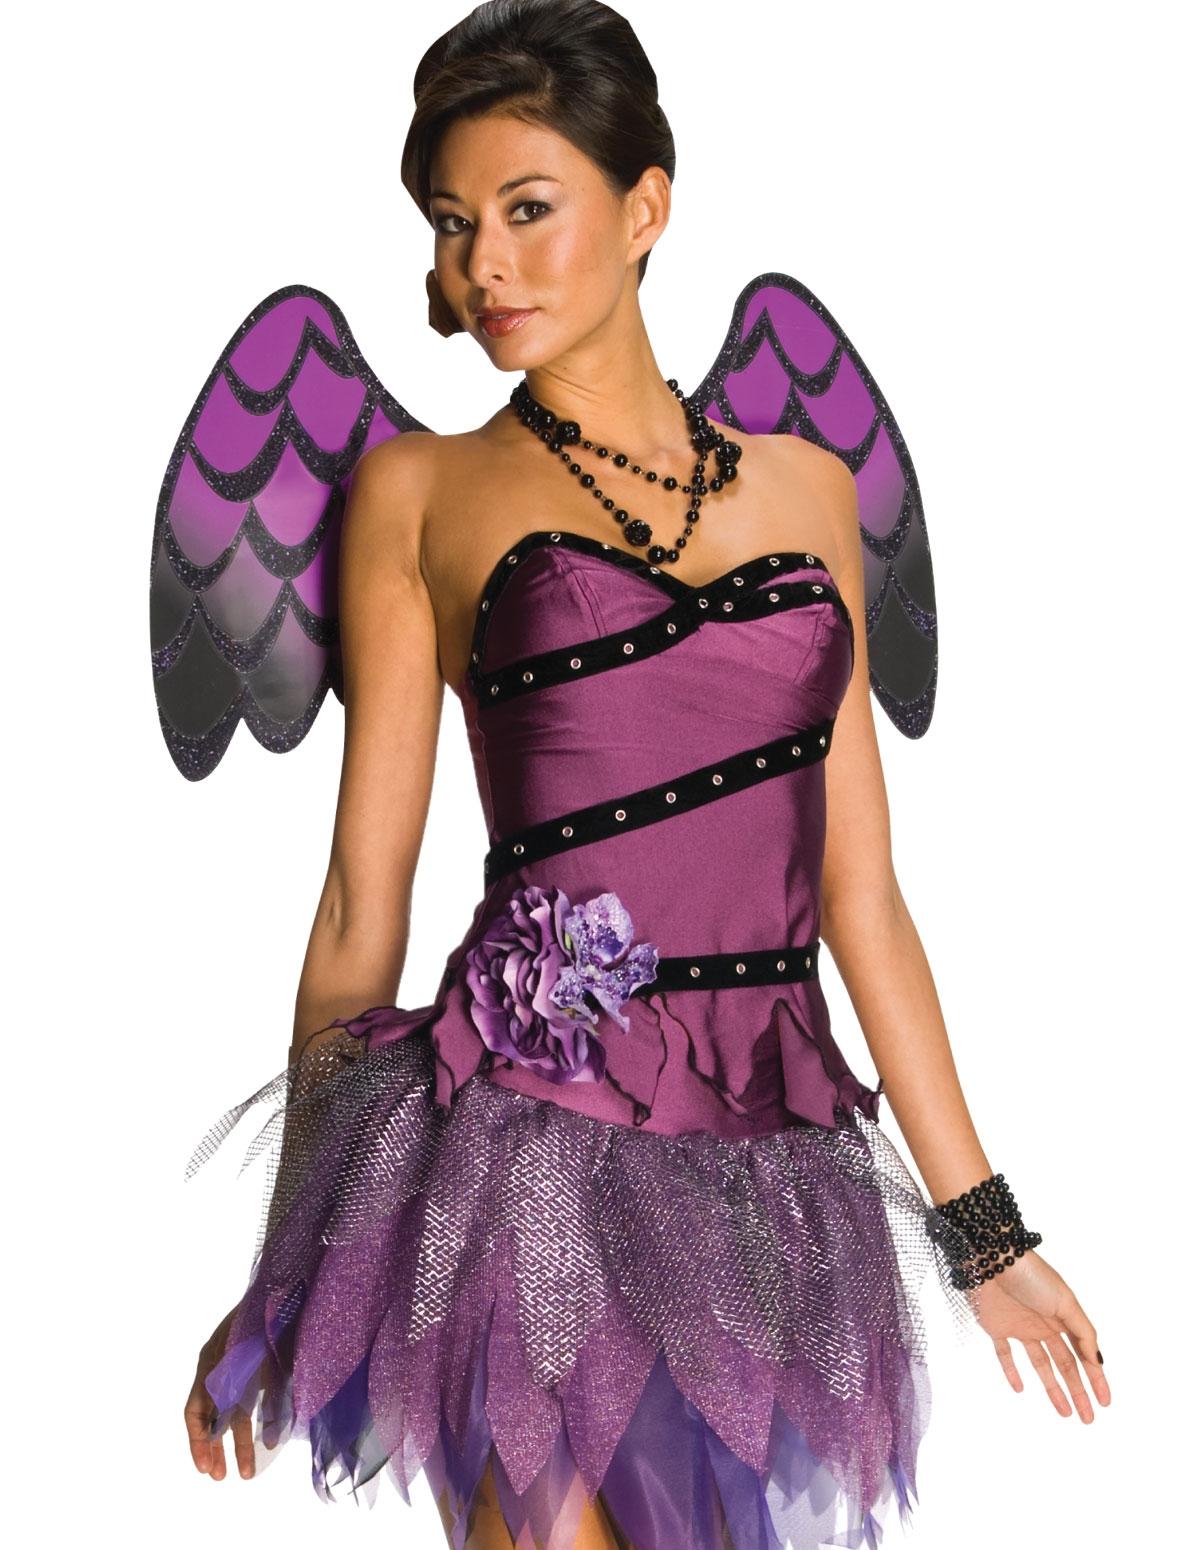 Heavenly Body Costume